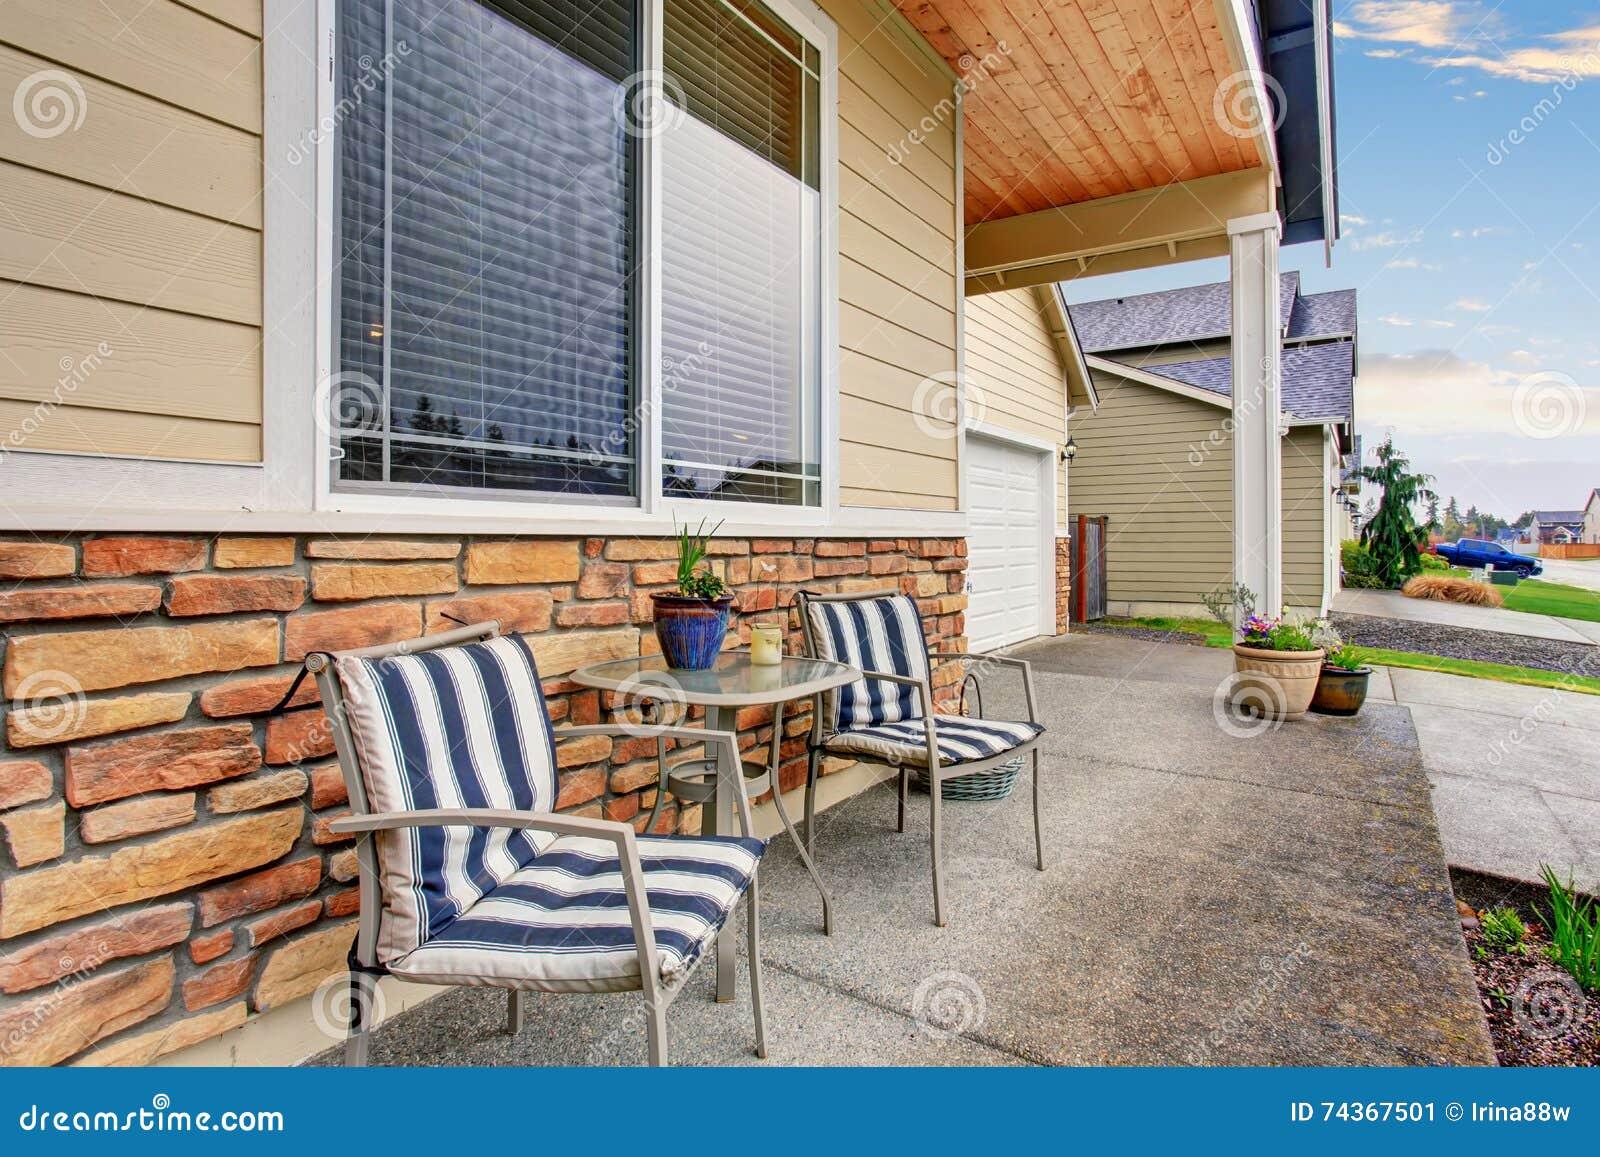 Front Porch com arranjo de assento na casa de madeira clássica